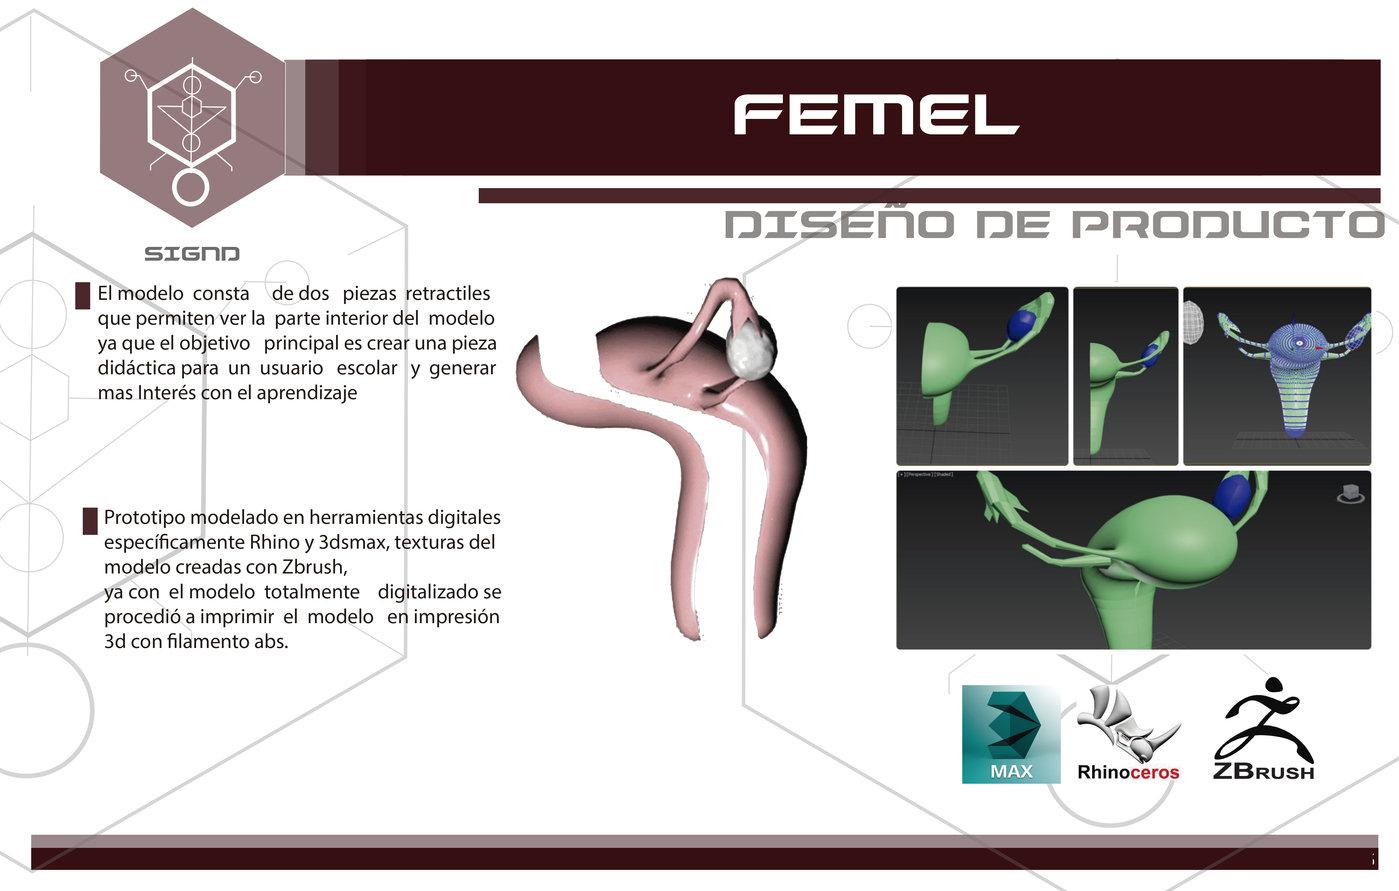 modelo anatomico aparato reproductor femenino by nicolas piñeros at ...